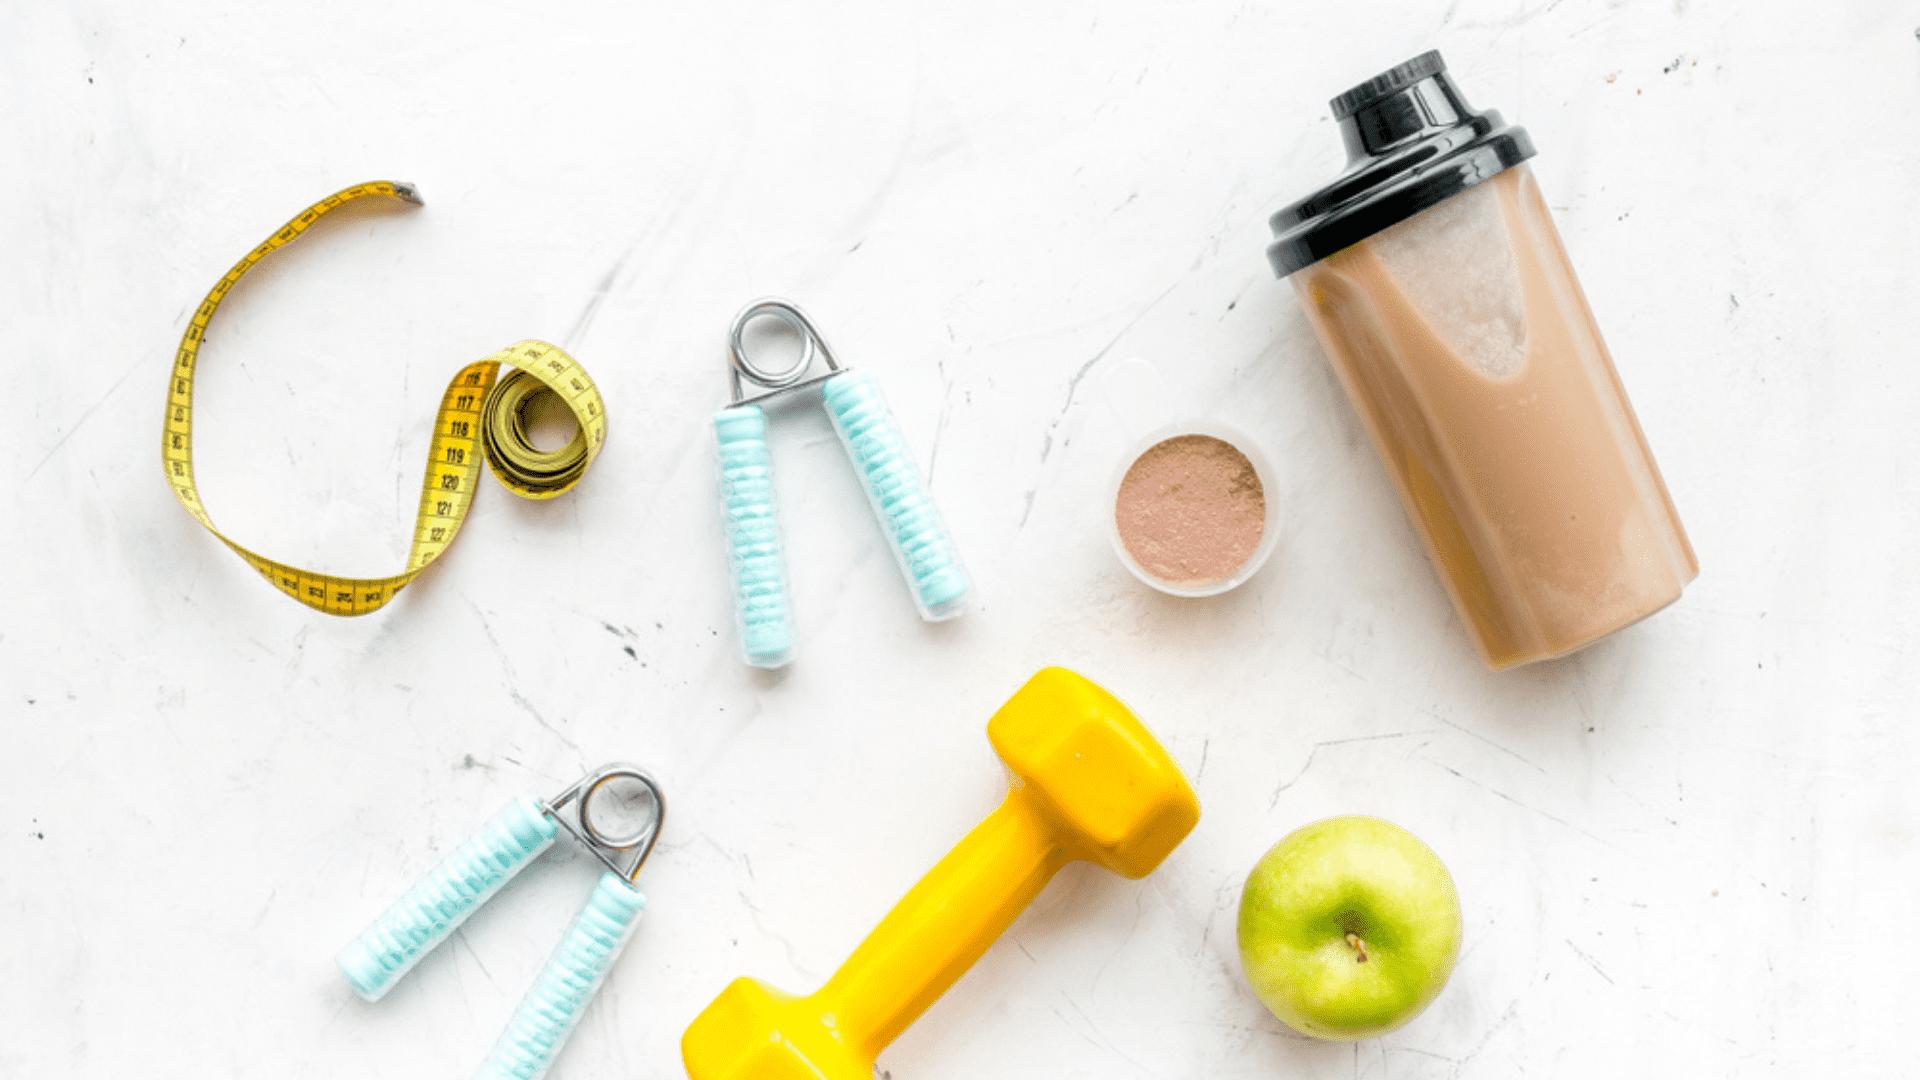 A creatina traz benefícios para melhorar a performance (Imagem: Reprodução/Shutterstock)